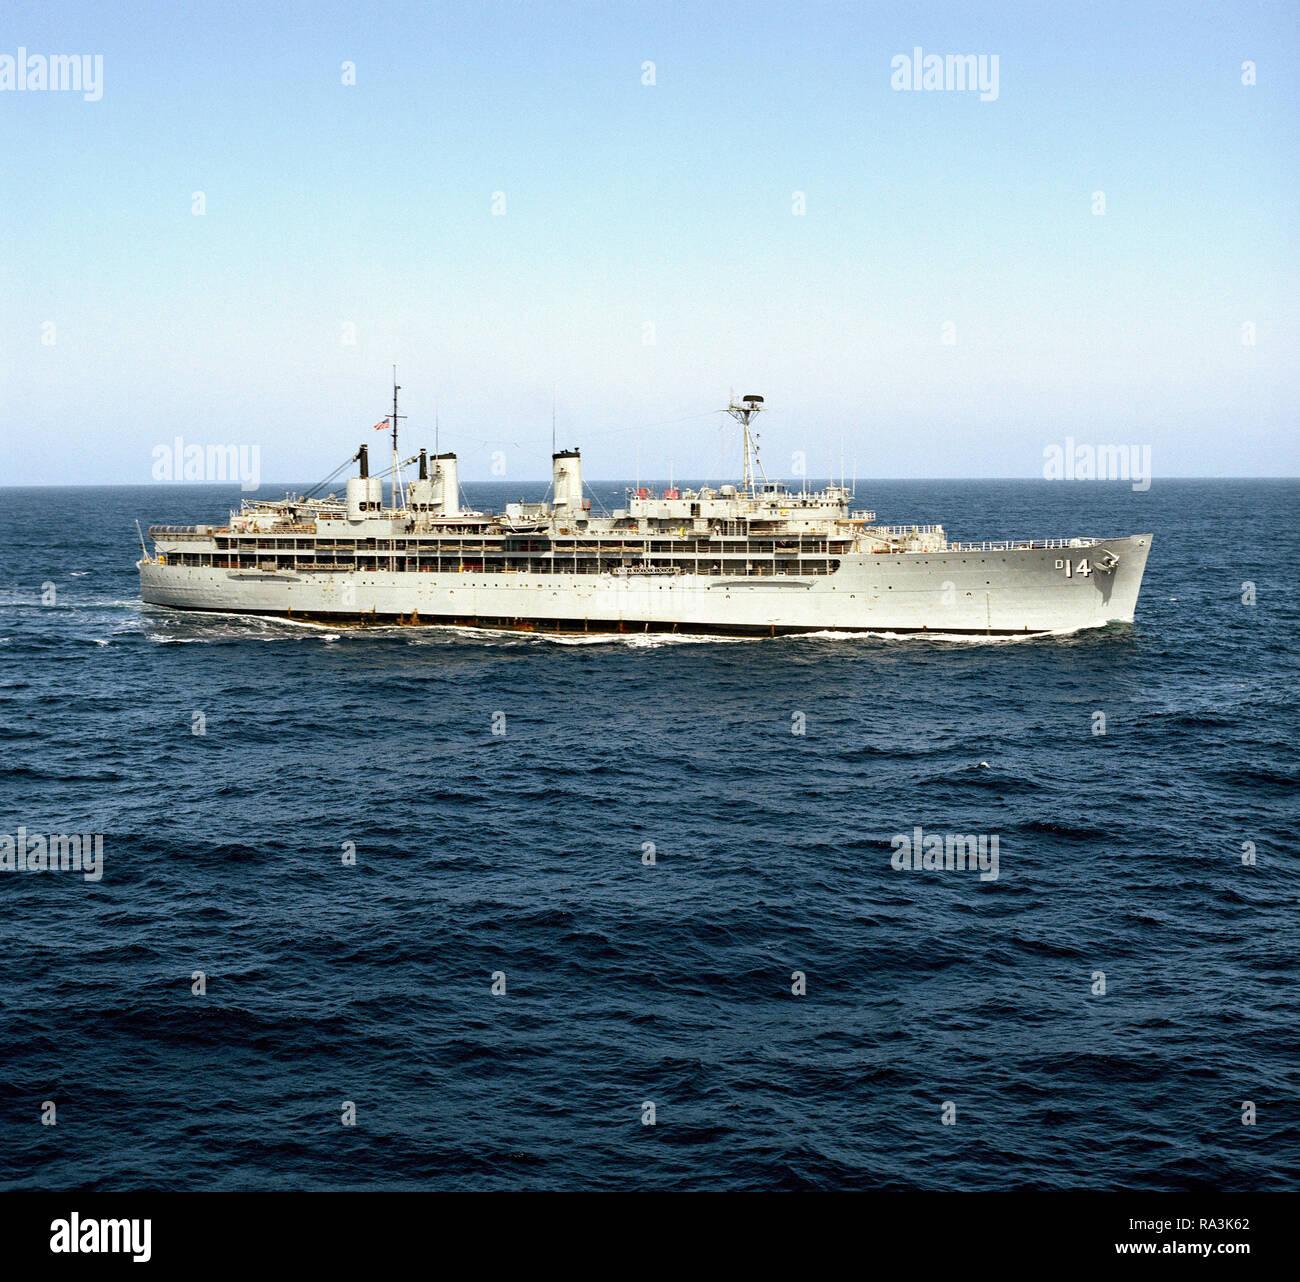 b97c28ca3d 1976 - una antenna a dritta vista del destroyer offerta USS DIXON (AD 14)